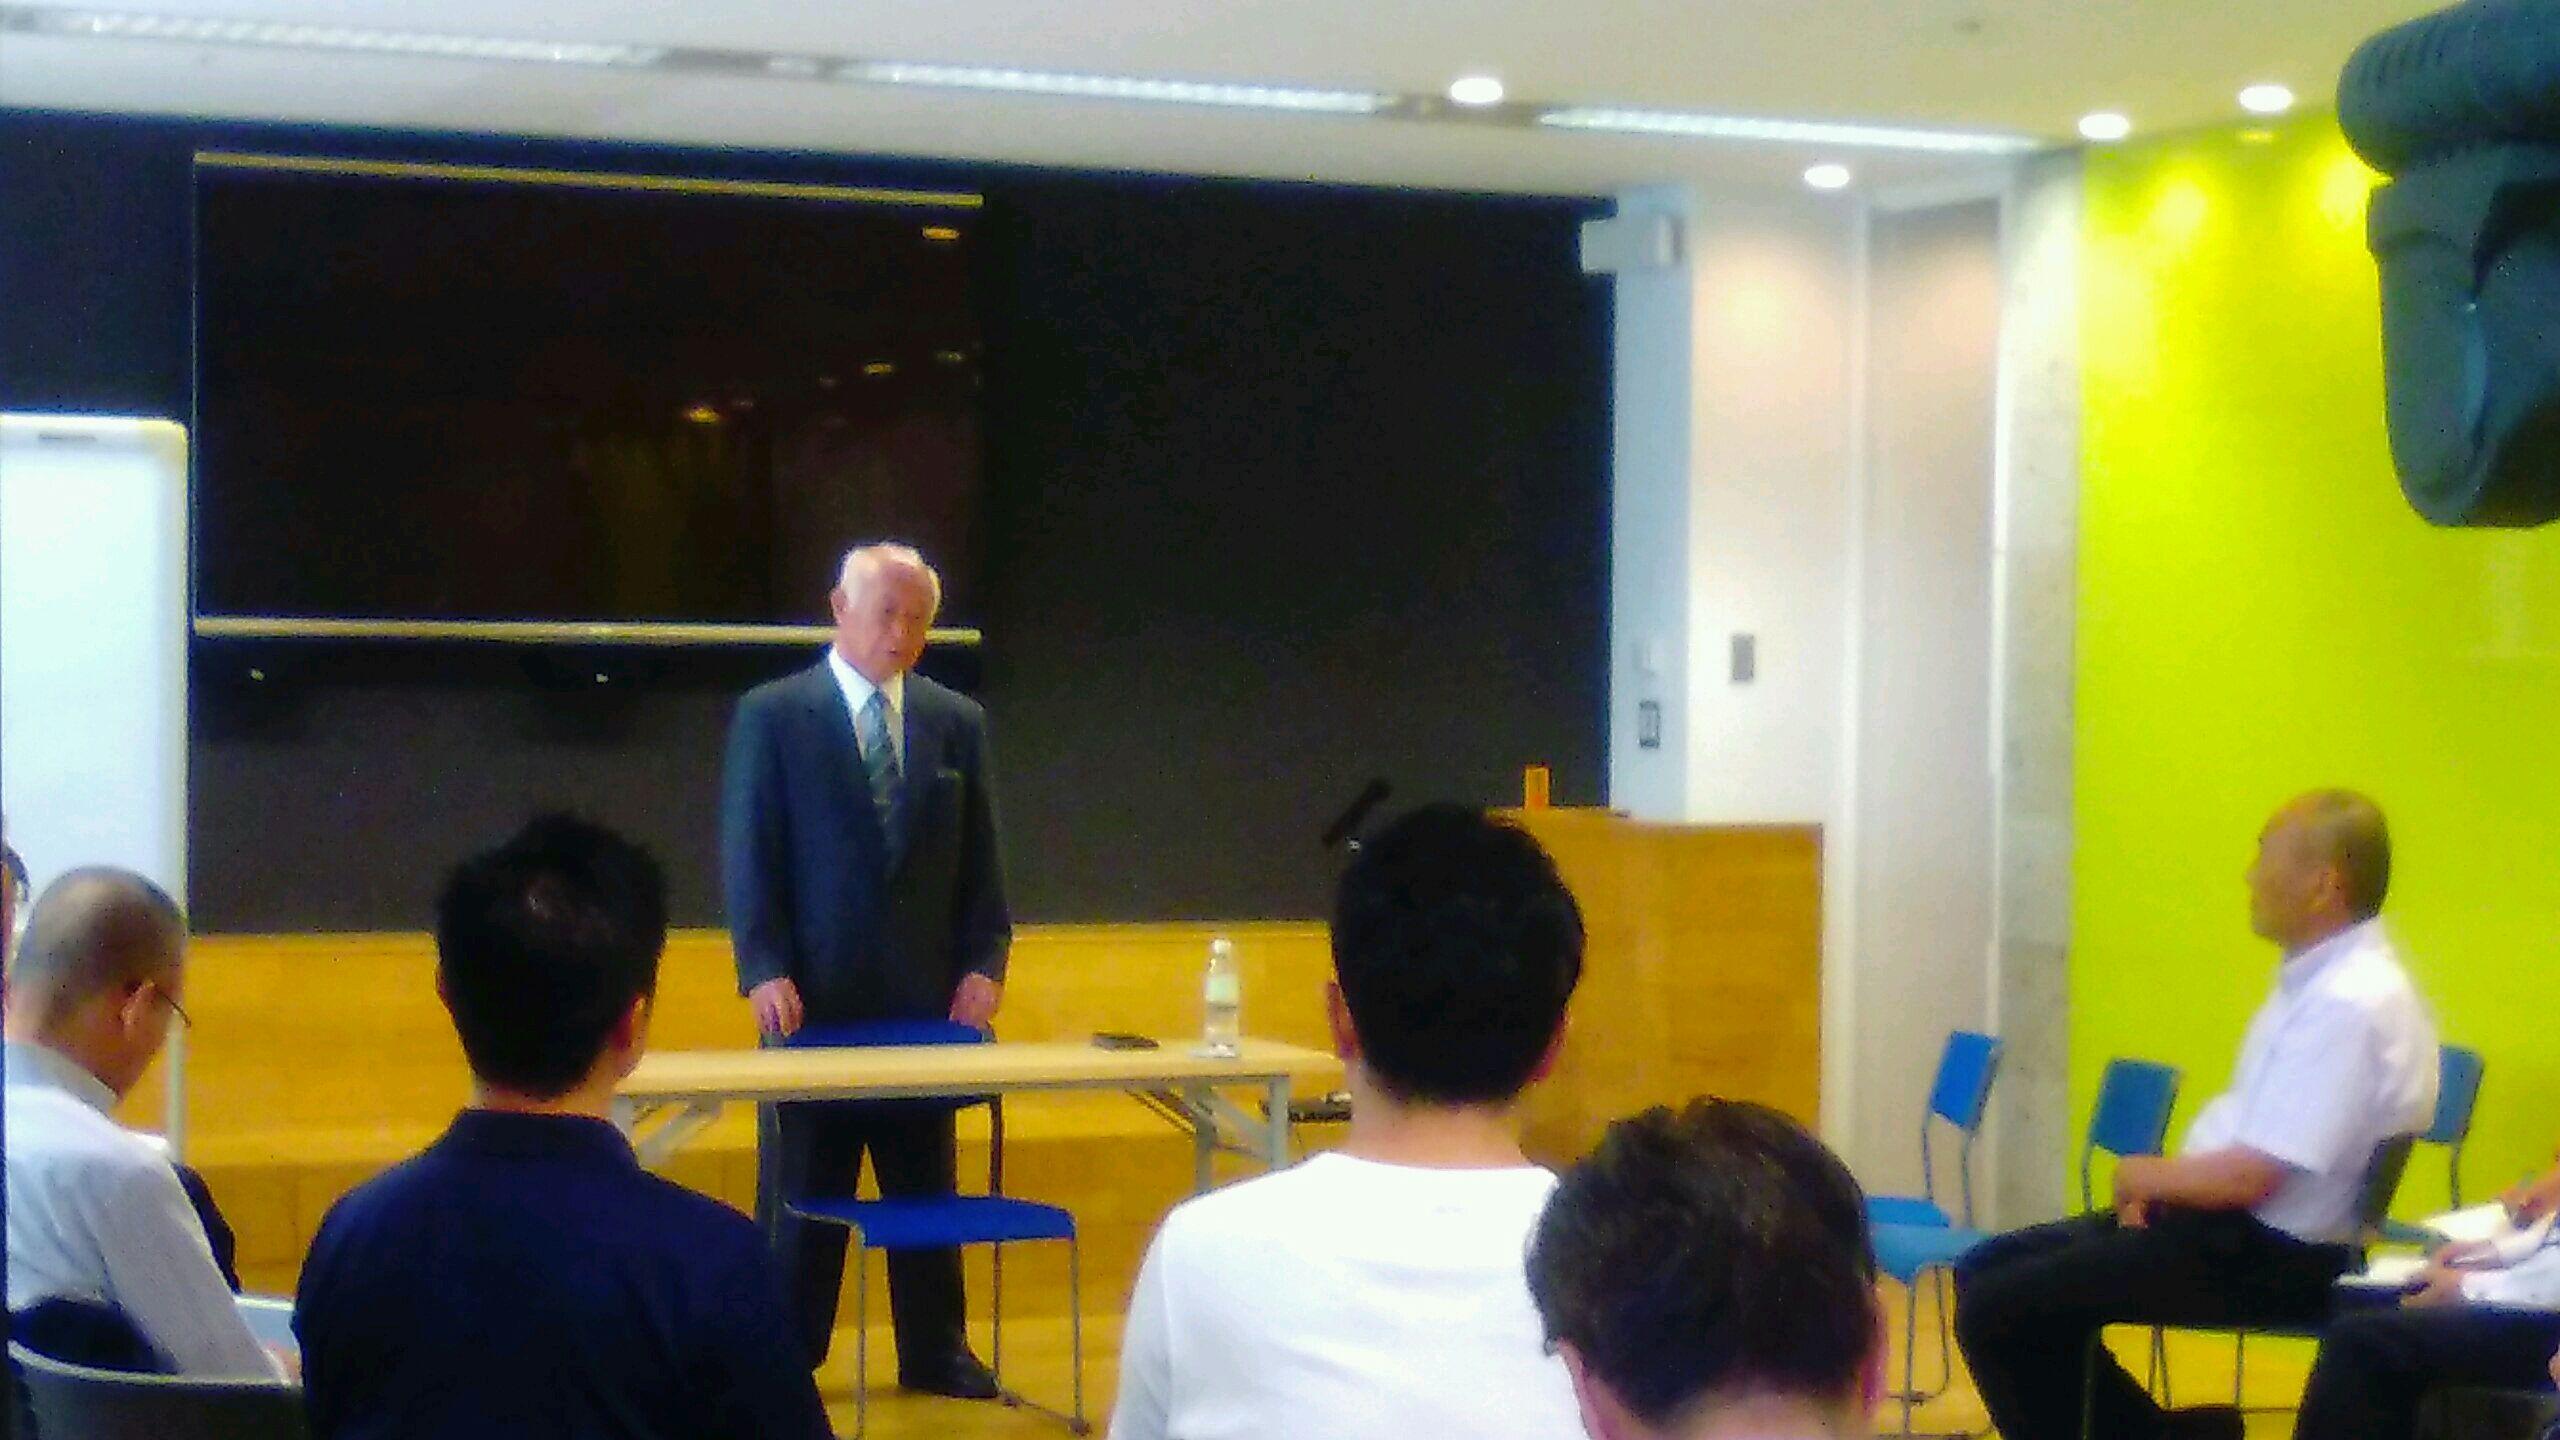 179810 - 第5回東京思風塾「使命を見つけ出すための6つの問いとは」をテーマに開催しました。